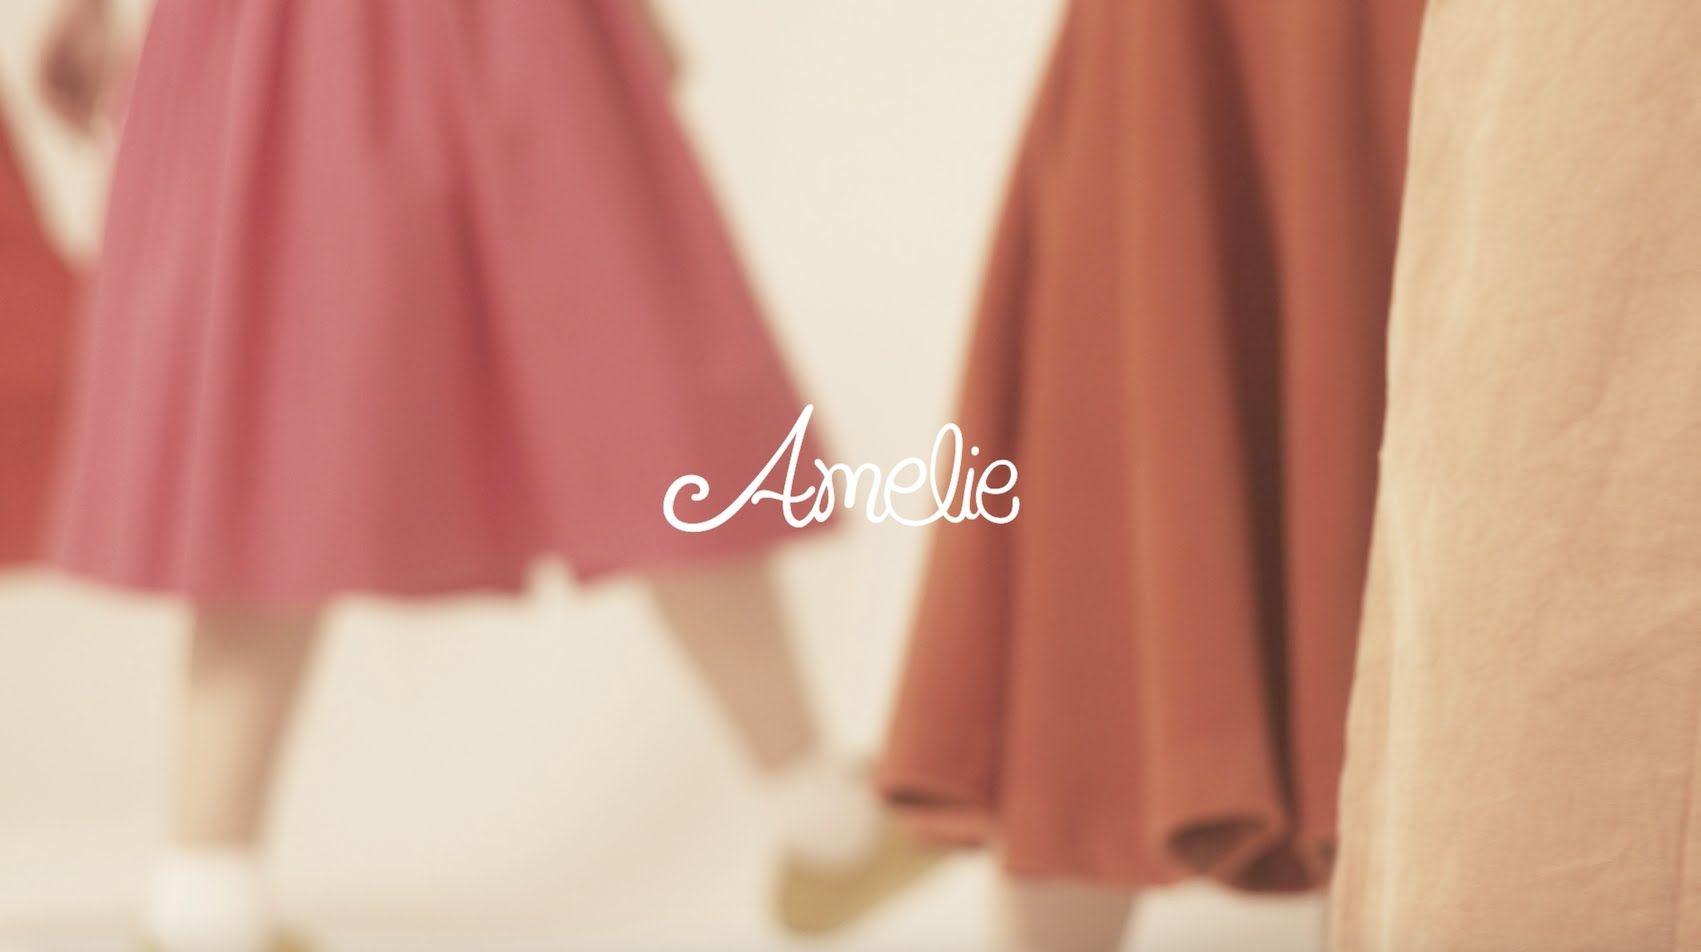 Amelie 君が為に鐘は鳴る Mv Full Ver アメリ ミュージックビデオ